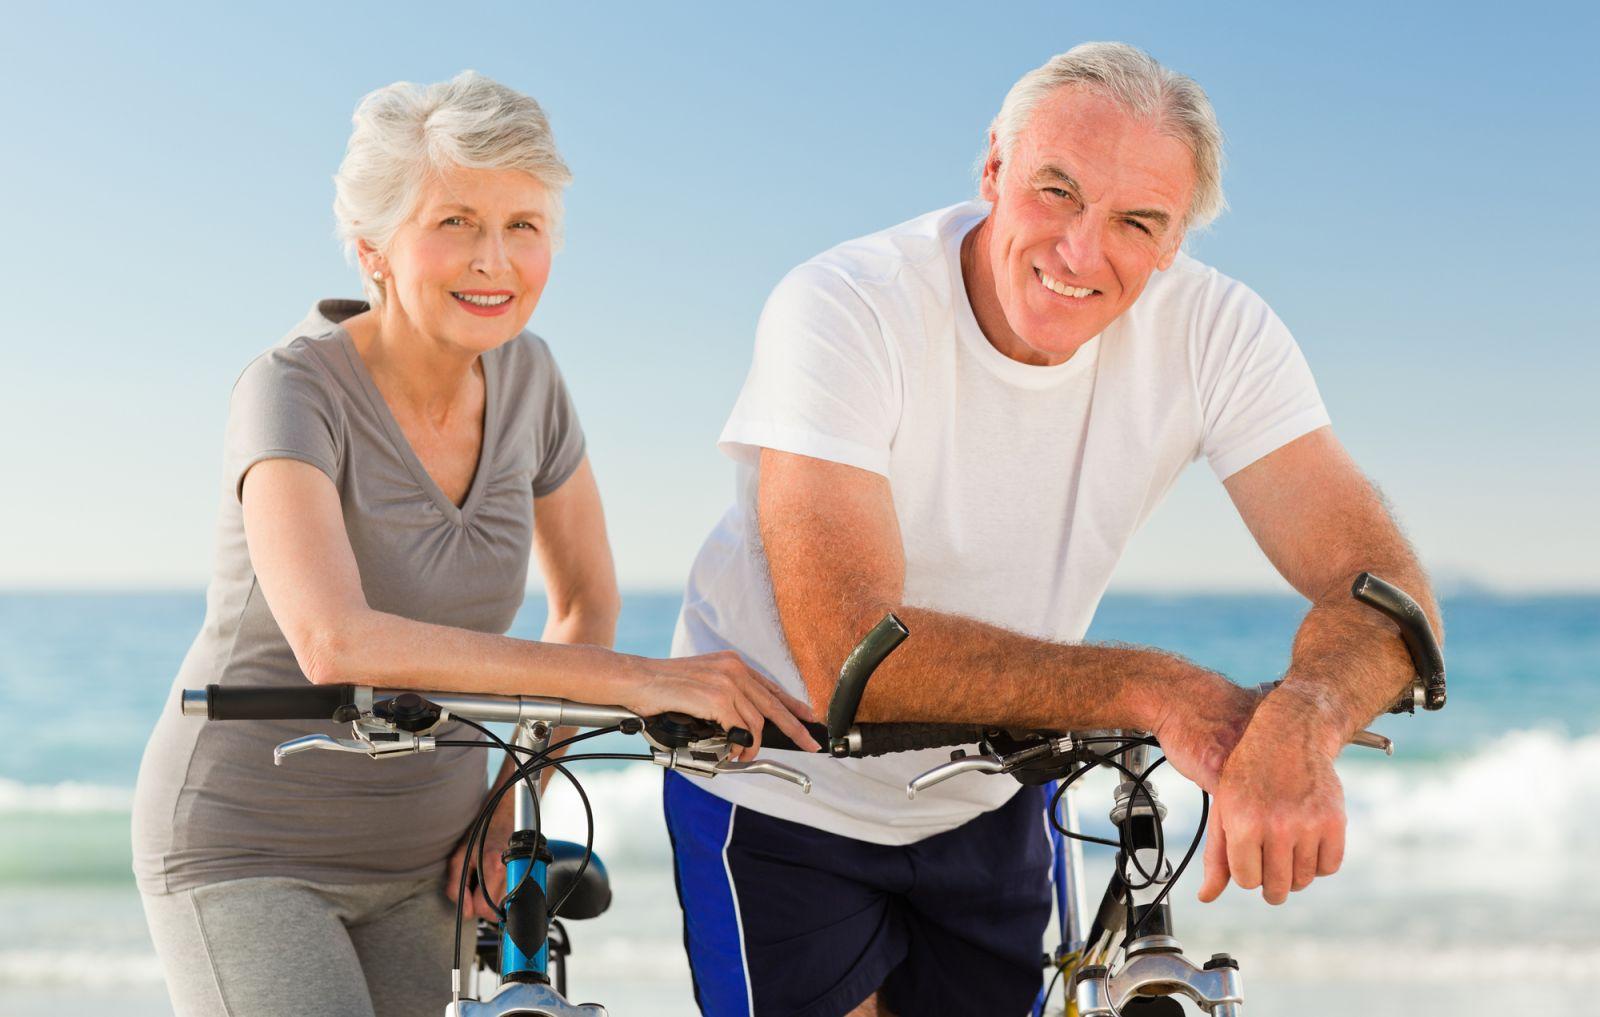 Можно ли продолжать вести активный образ жизни после появления стомы?